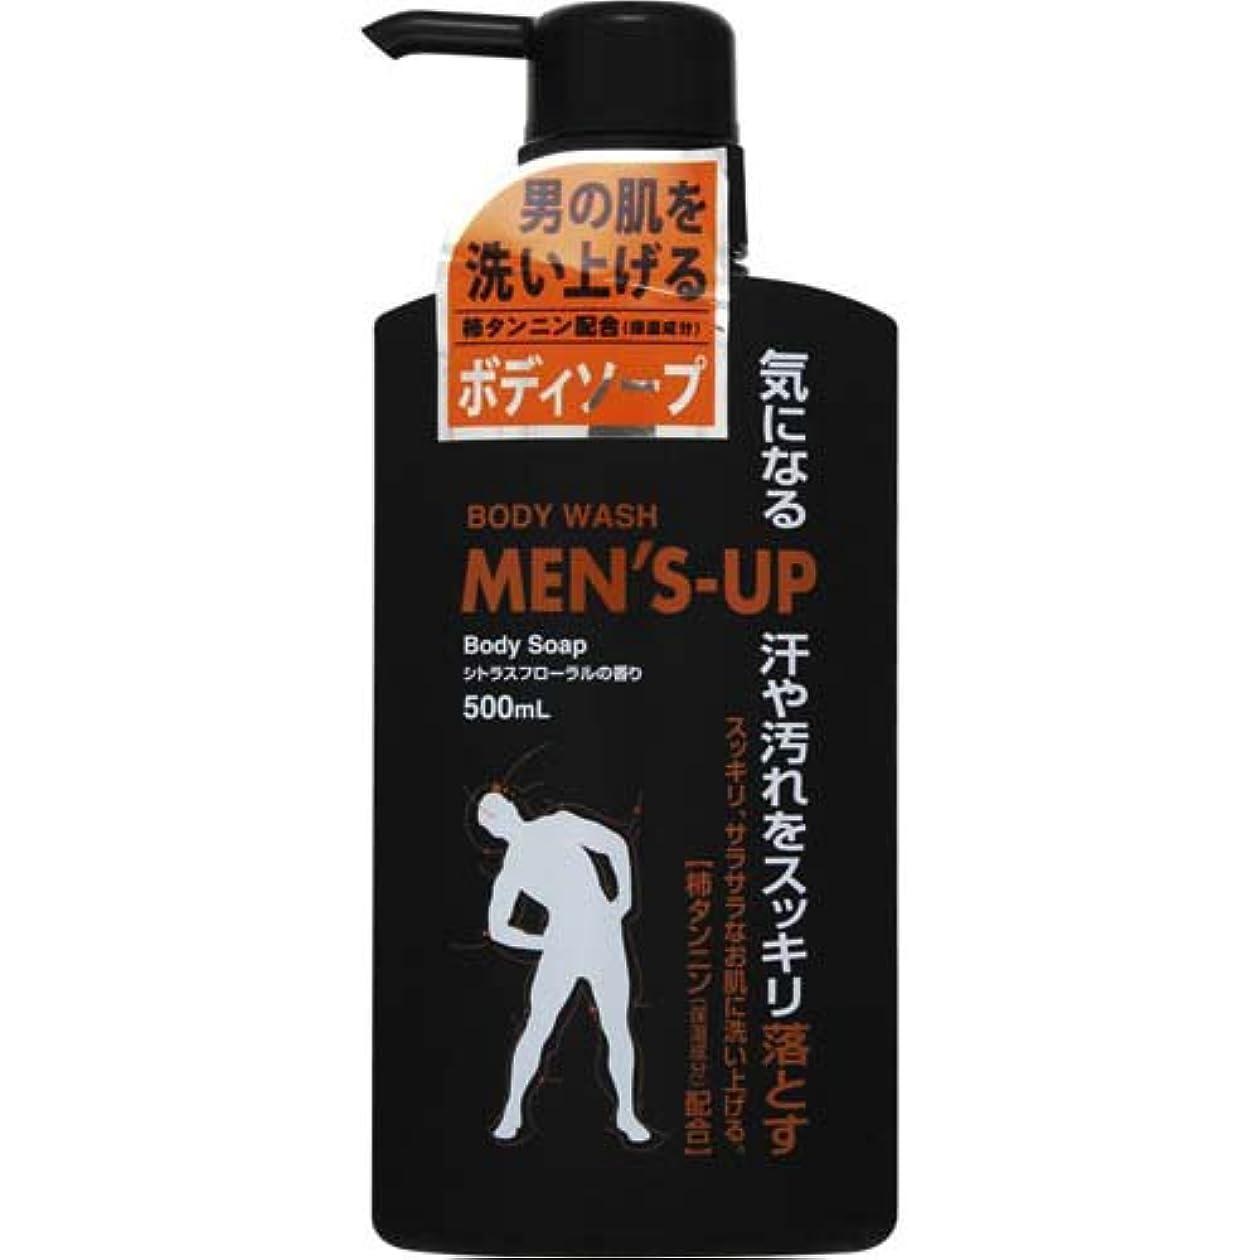 慈悲バイオリン真空MEN'S-UP(メンズアップ) ボディーソープ 本体 500ml